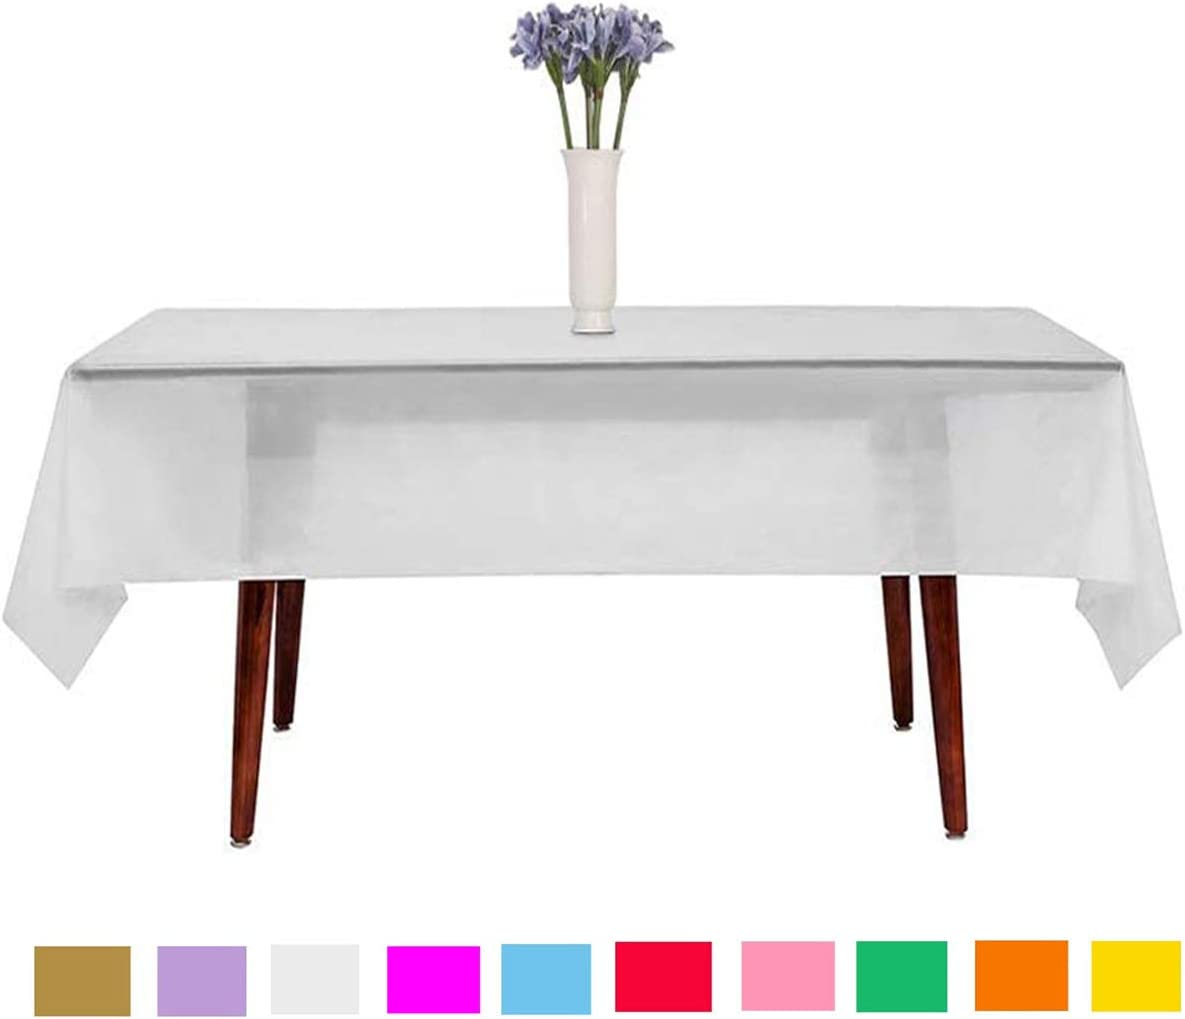 Senteen Manteles Desechables 10 Pcs Rectangular Impermeabl Mantel Mesa Table Cloth Plastic, para Mesas en Fiestas De Interior y Exterior Jardín Cumpleaños Bodas Navidad